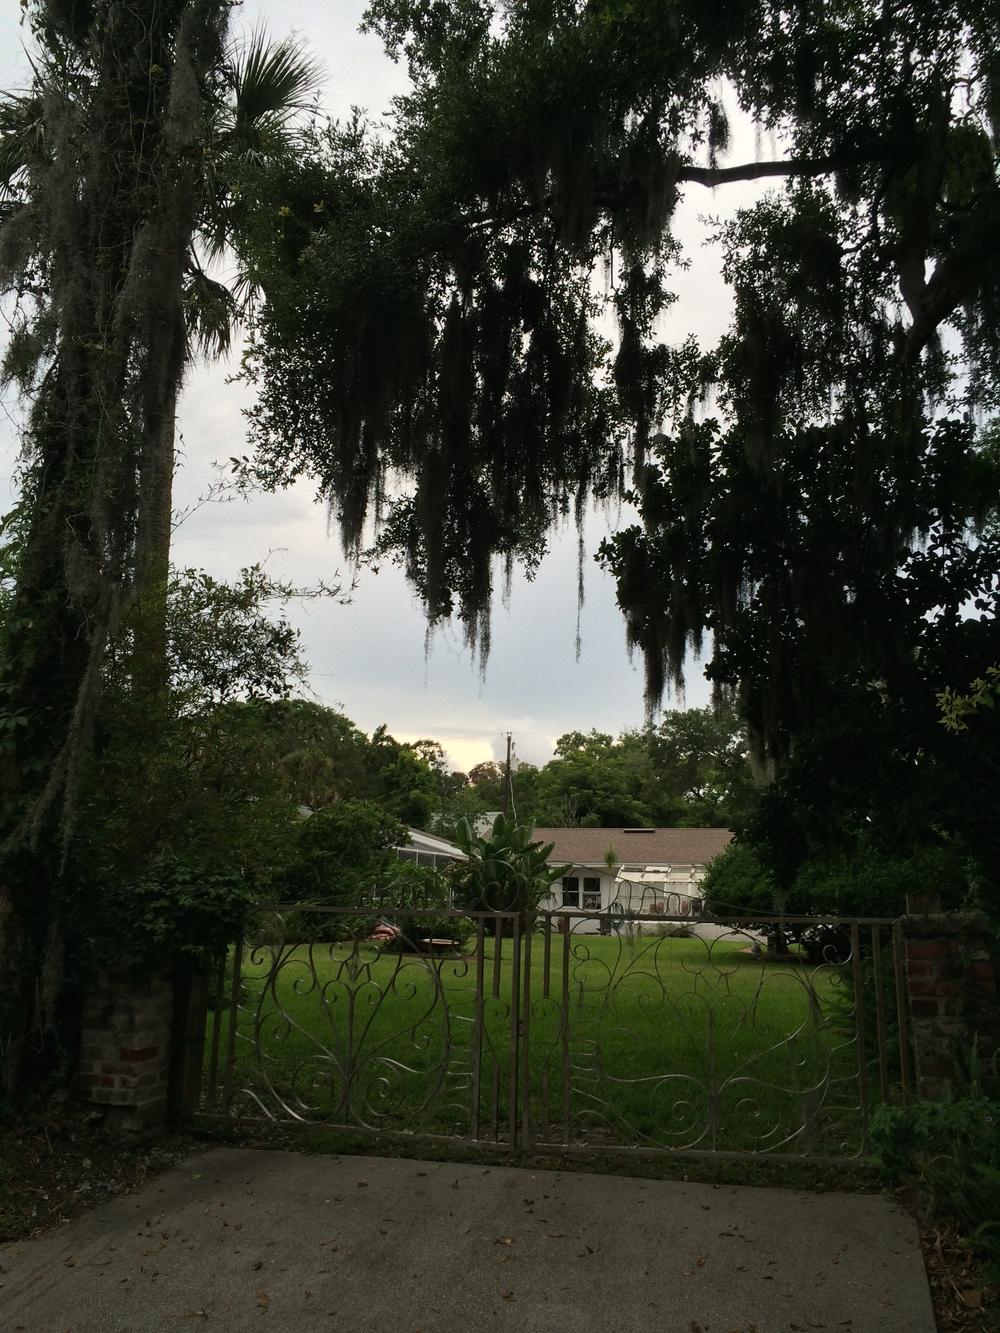 Walking around St. Augustine